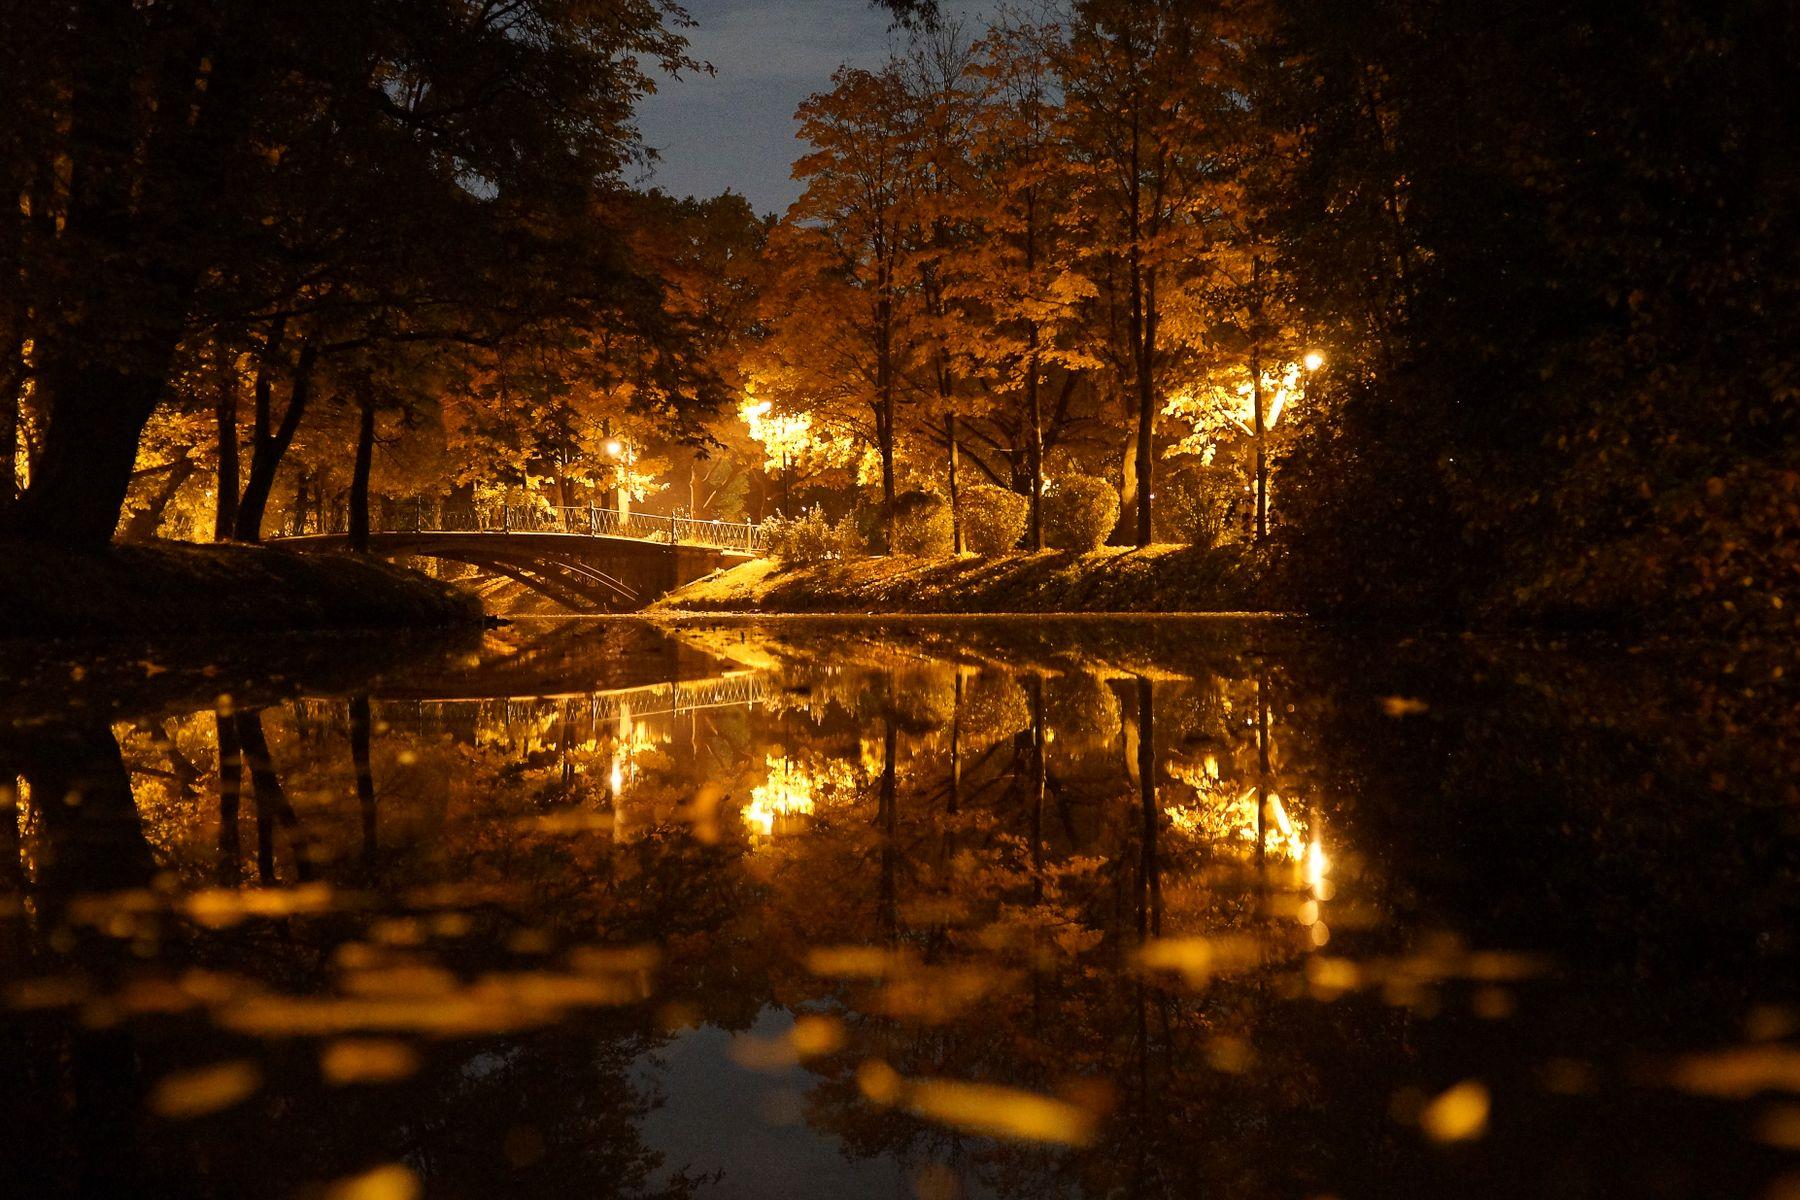 Я ждал, и она пришла осень санкт-петербург пар победы московский парк пруд осенний пейзаж желтые листья